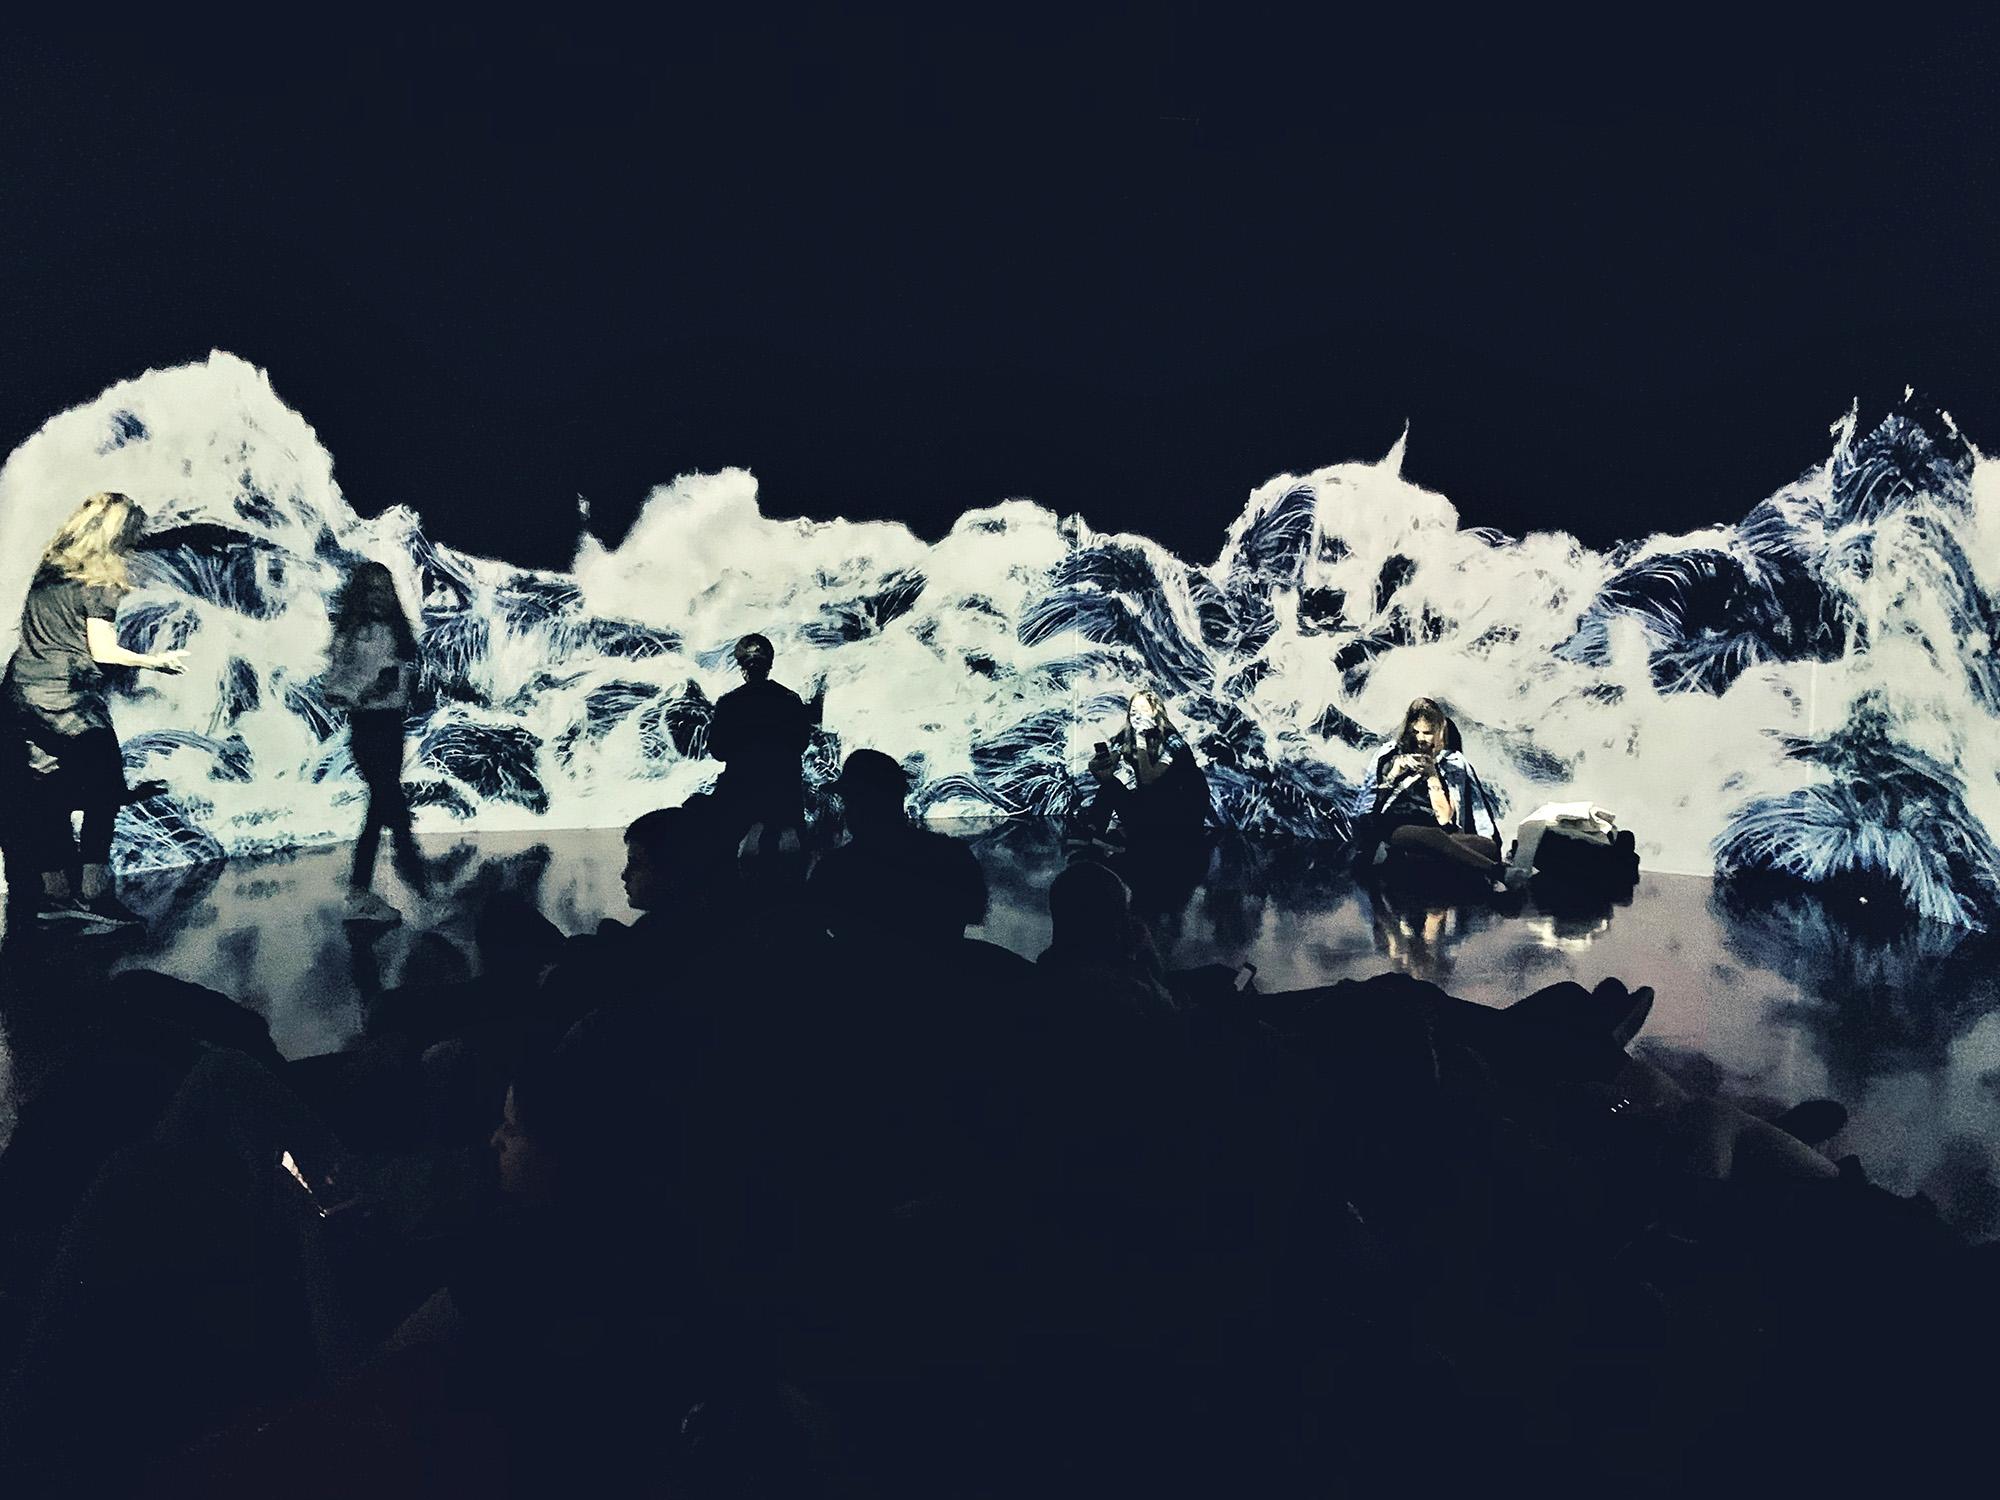 teamlab borderless - waves